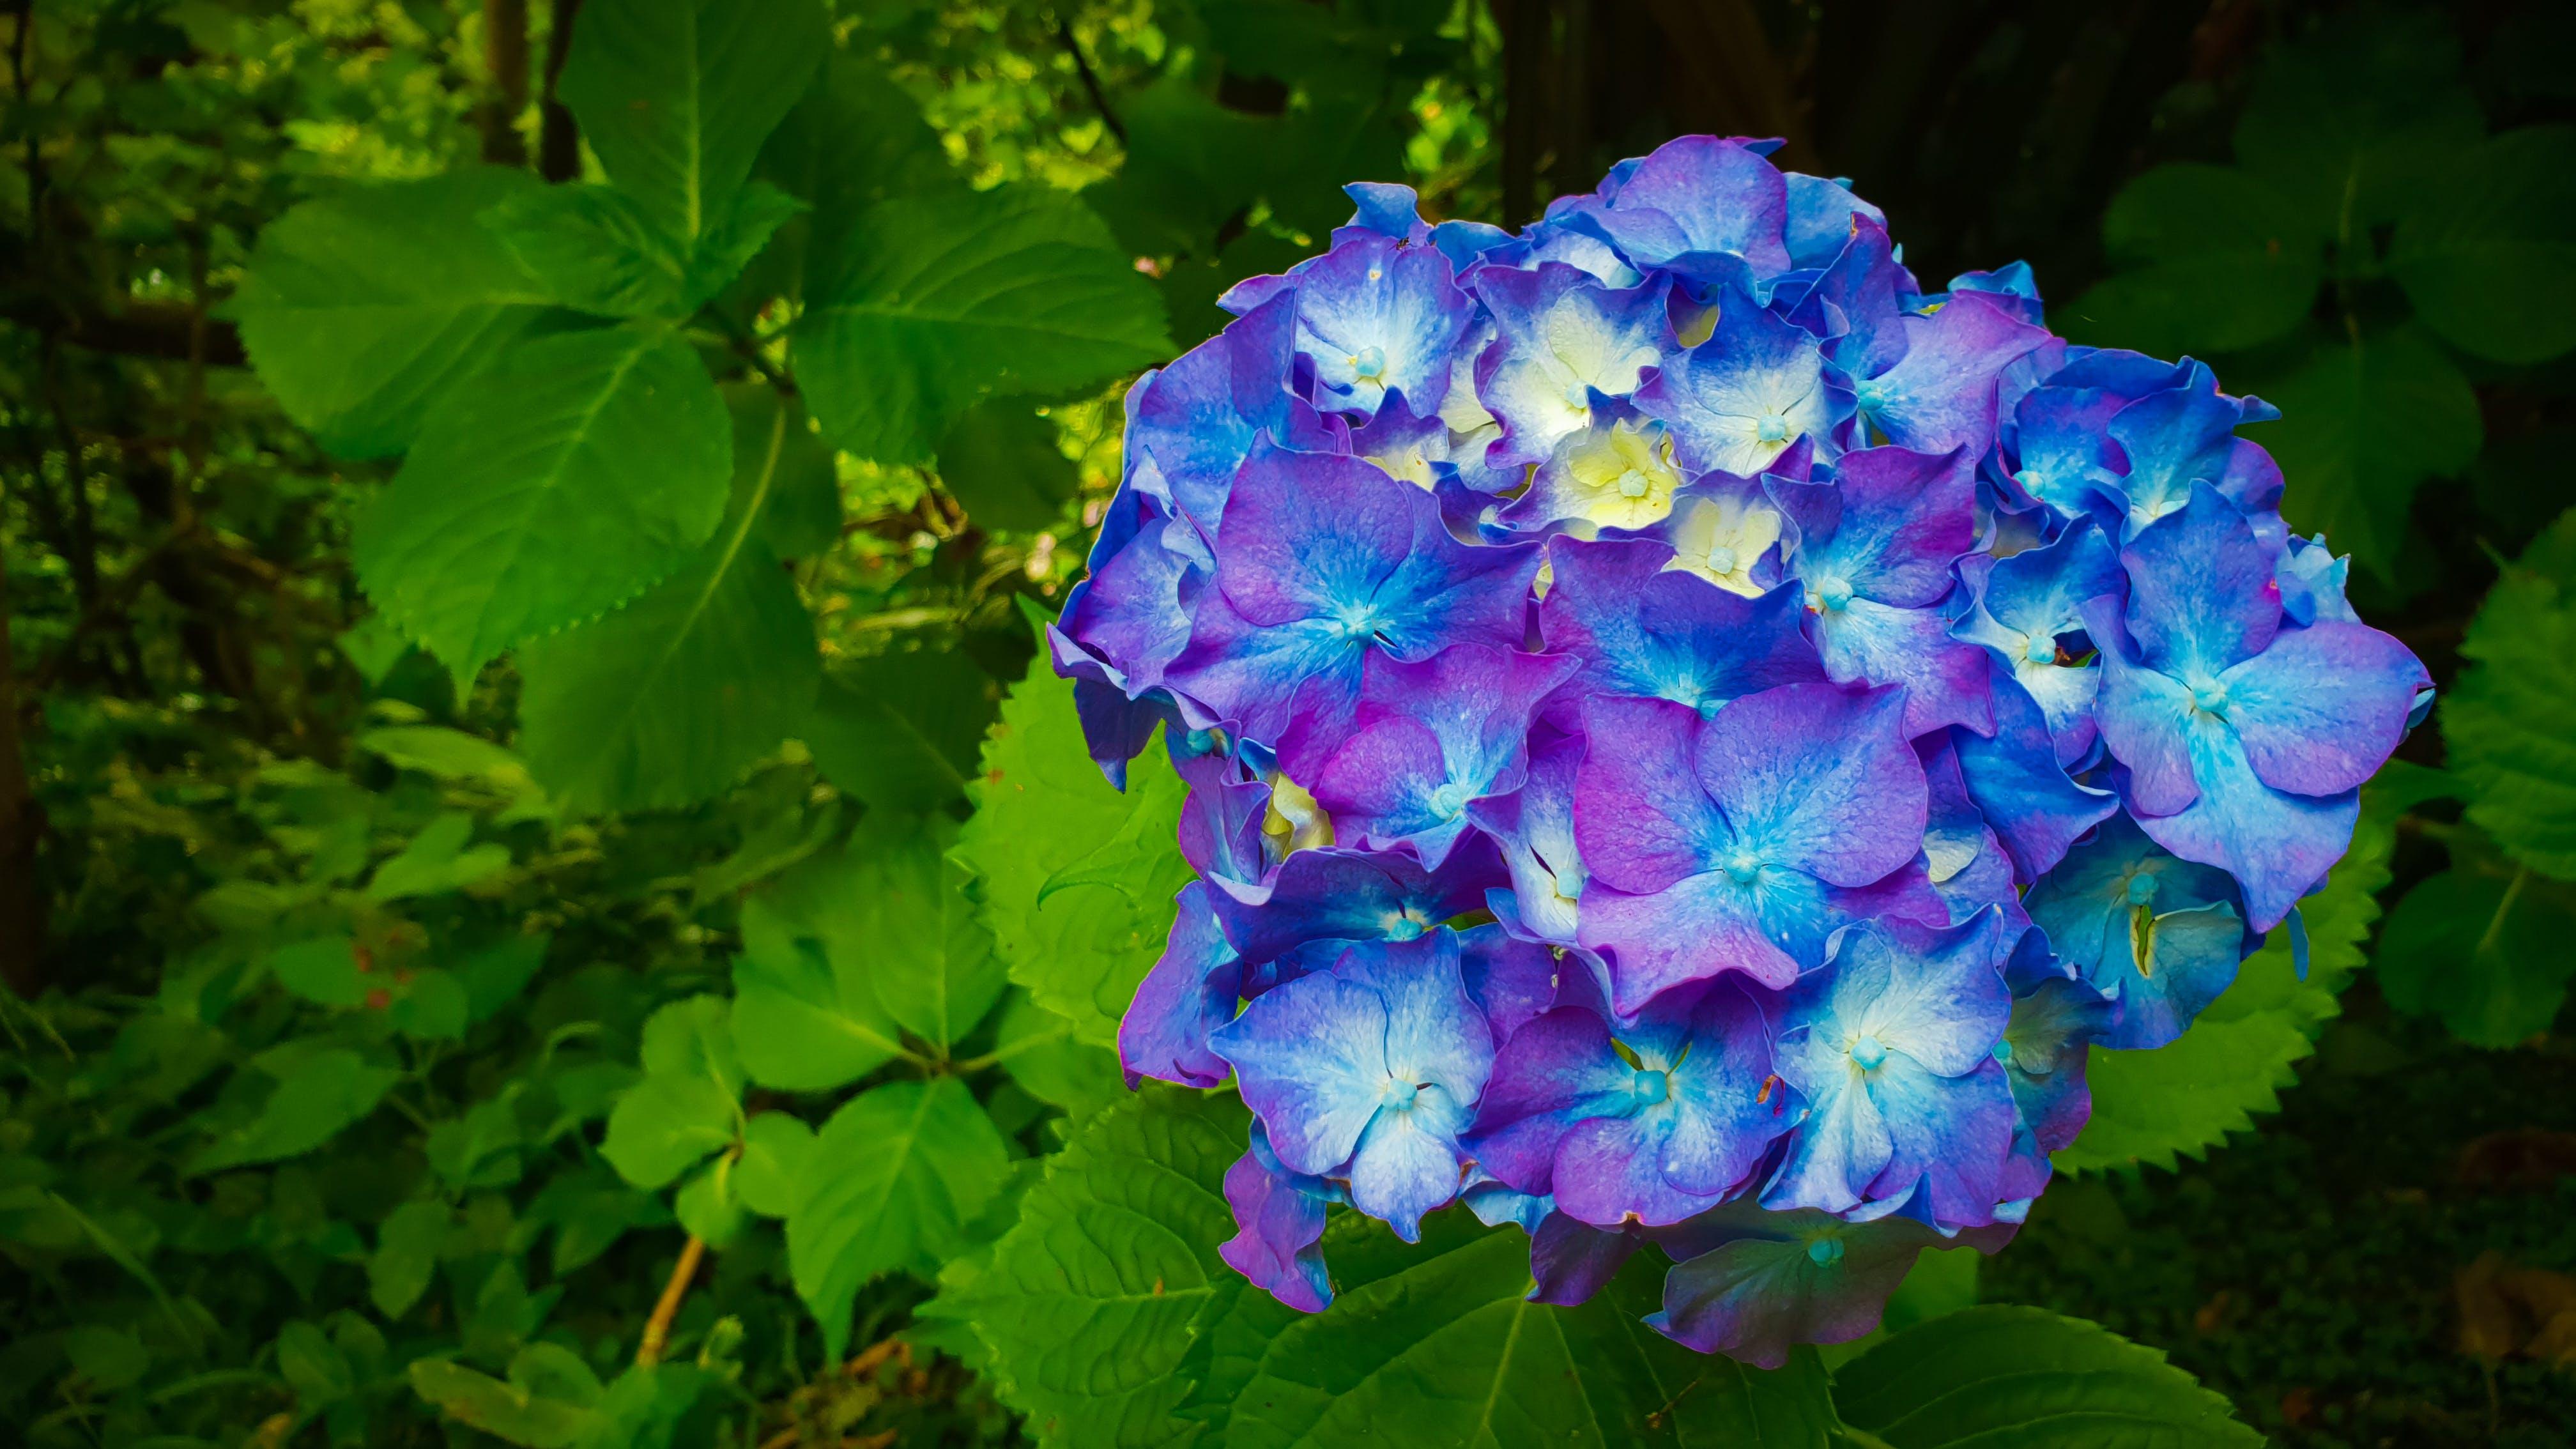 Kostenloses Stock Foto zu blau, blaue blume, blauen blüten, blumen